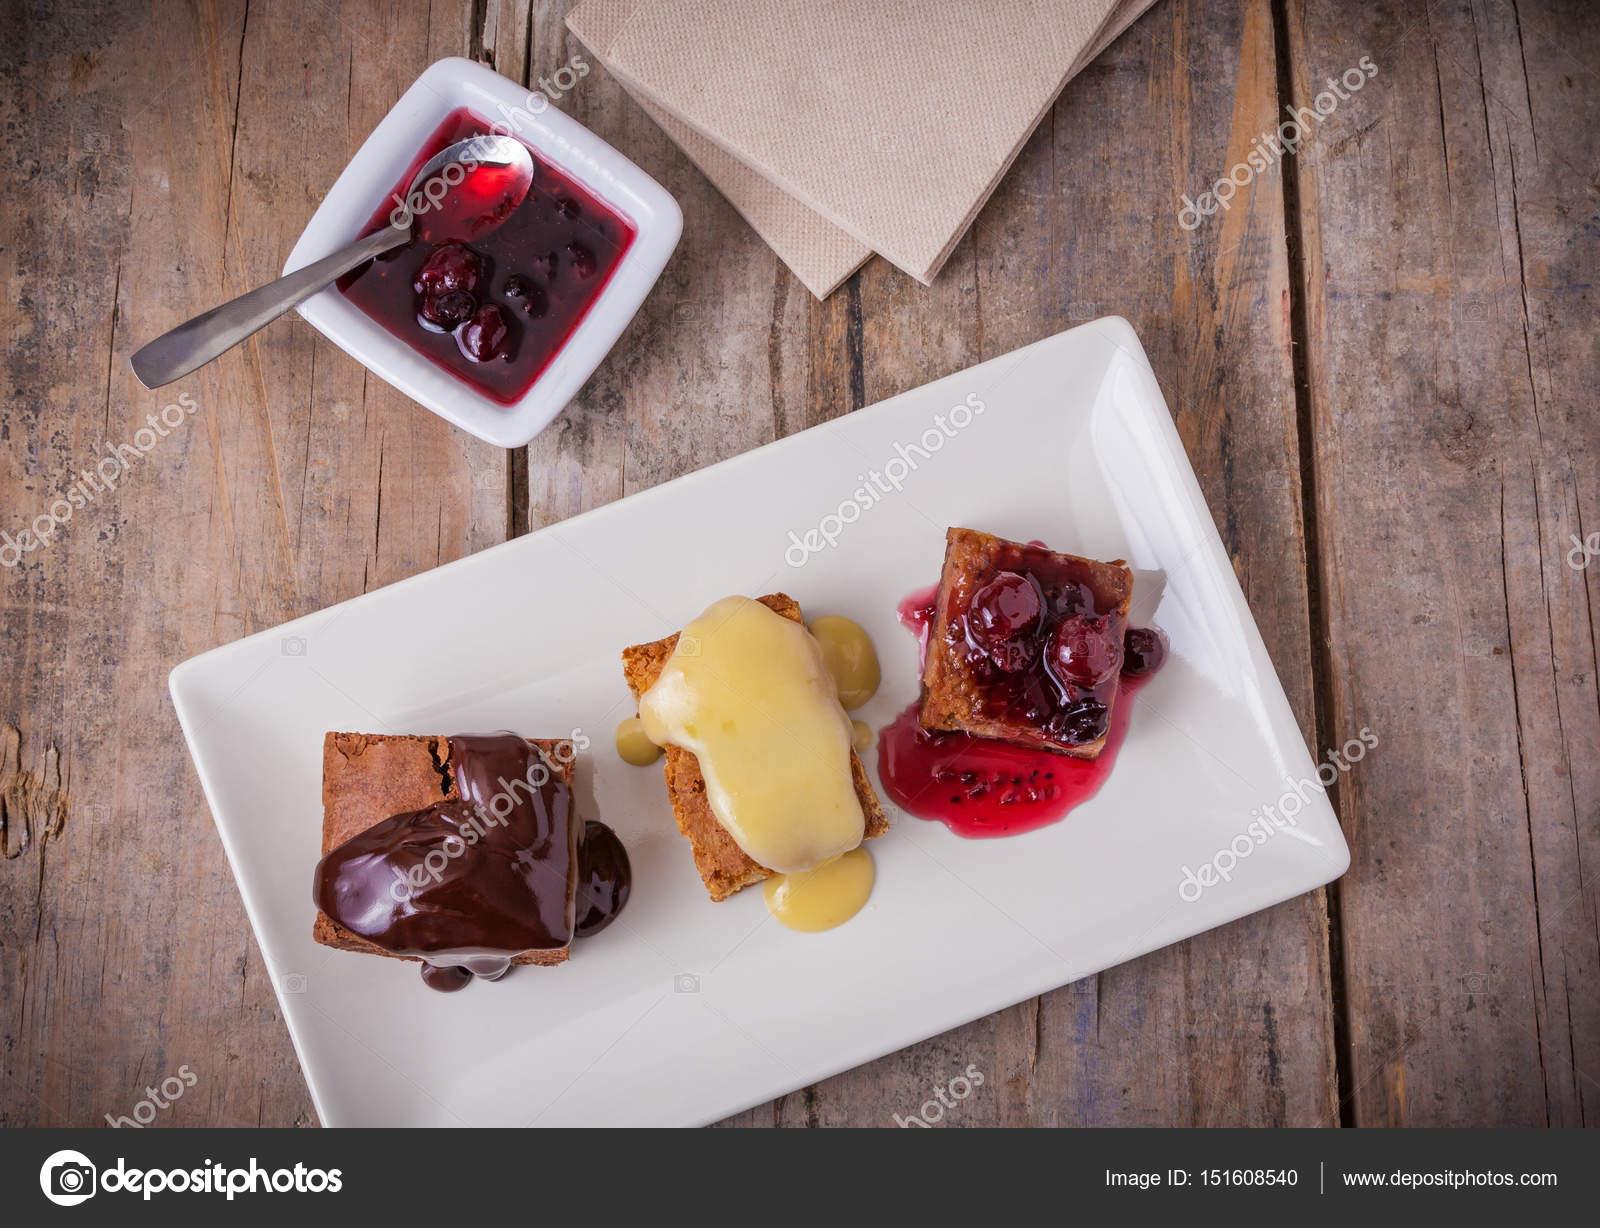 Drei Verschiedene Desserts Kuchen Mit Schokolade Vanille Kuchen